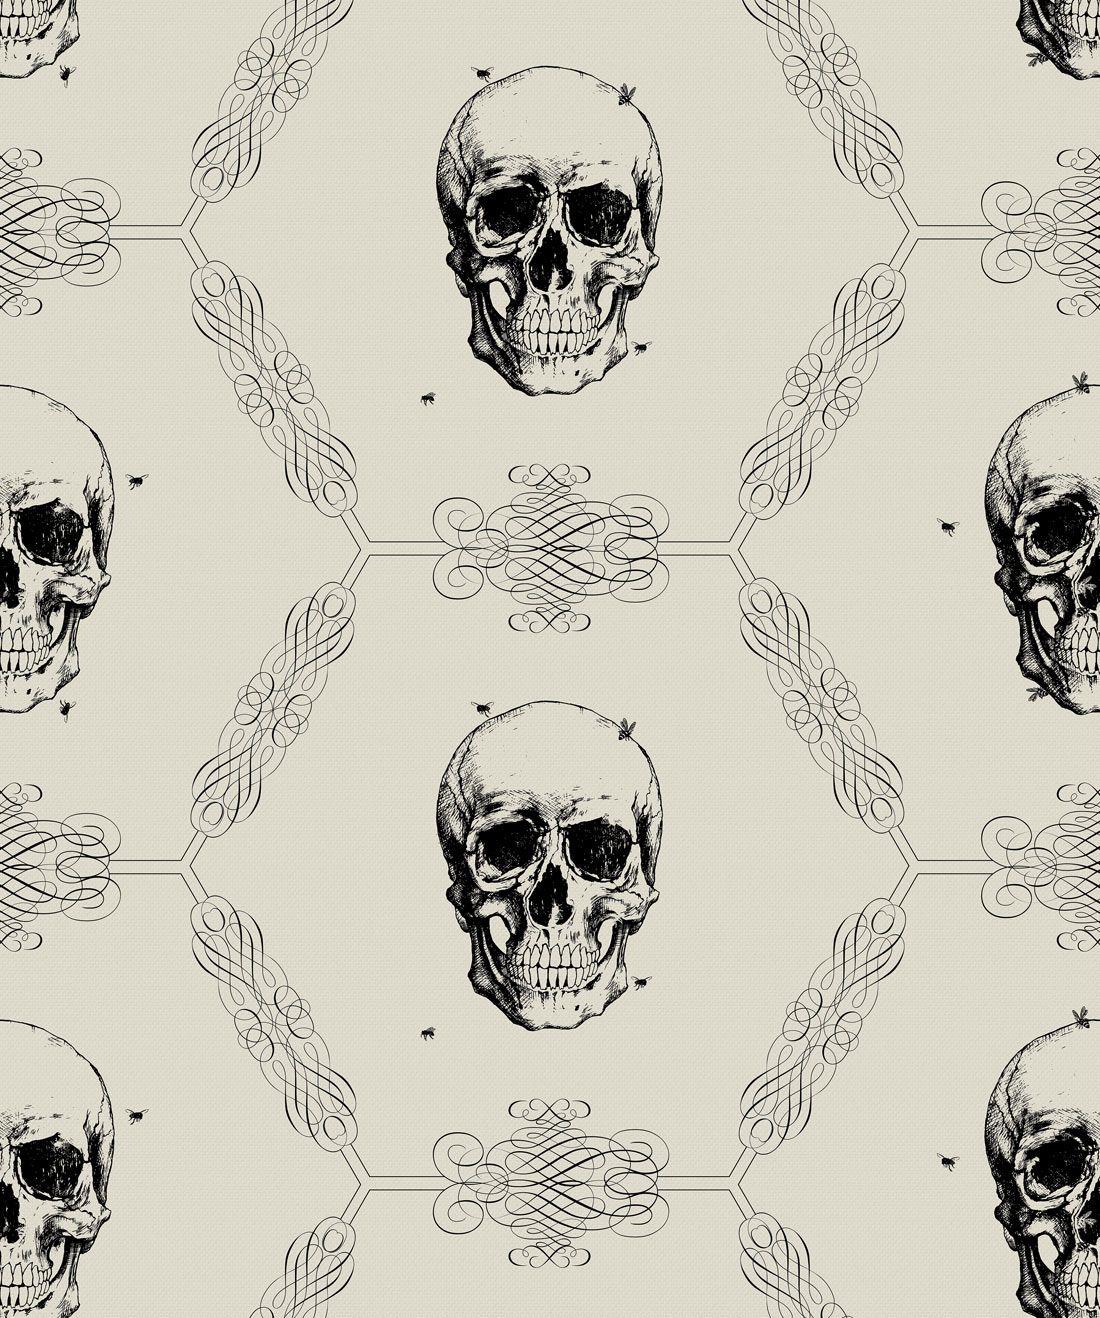 Skull & Bee Wallpaper